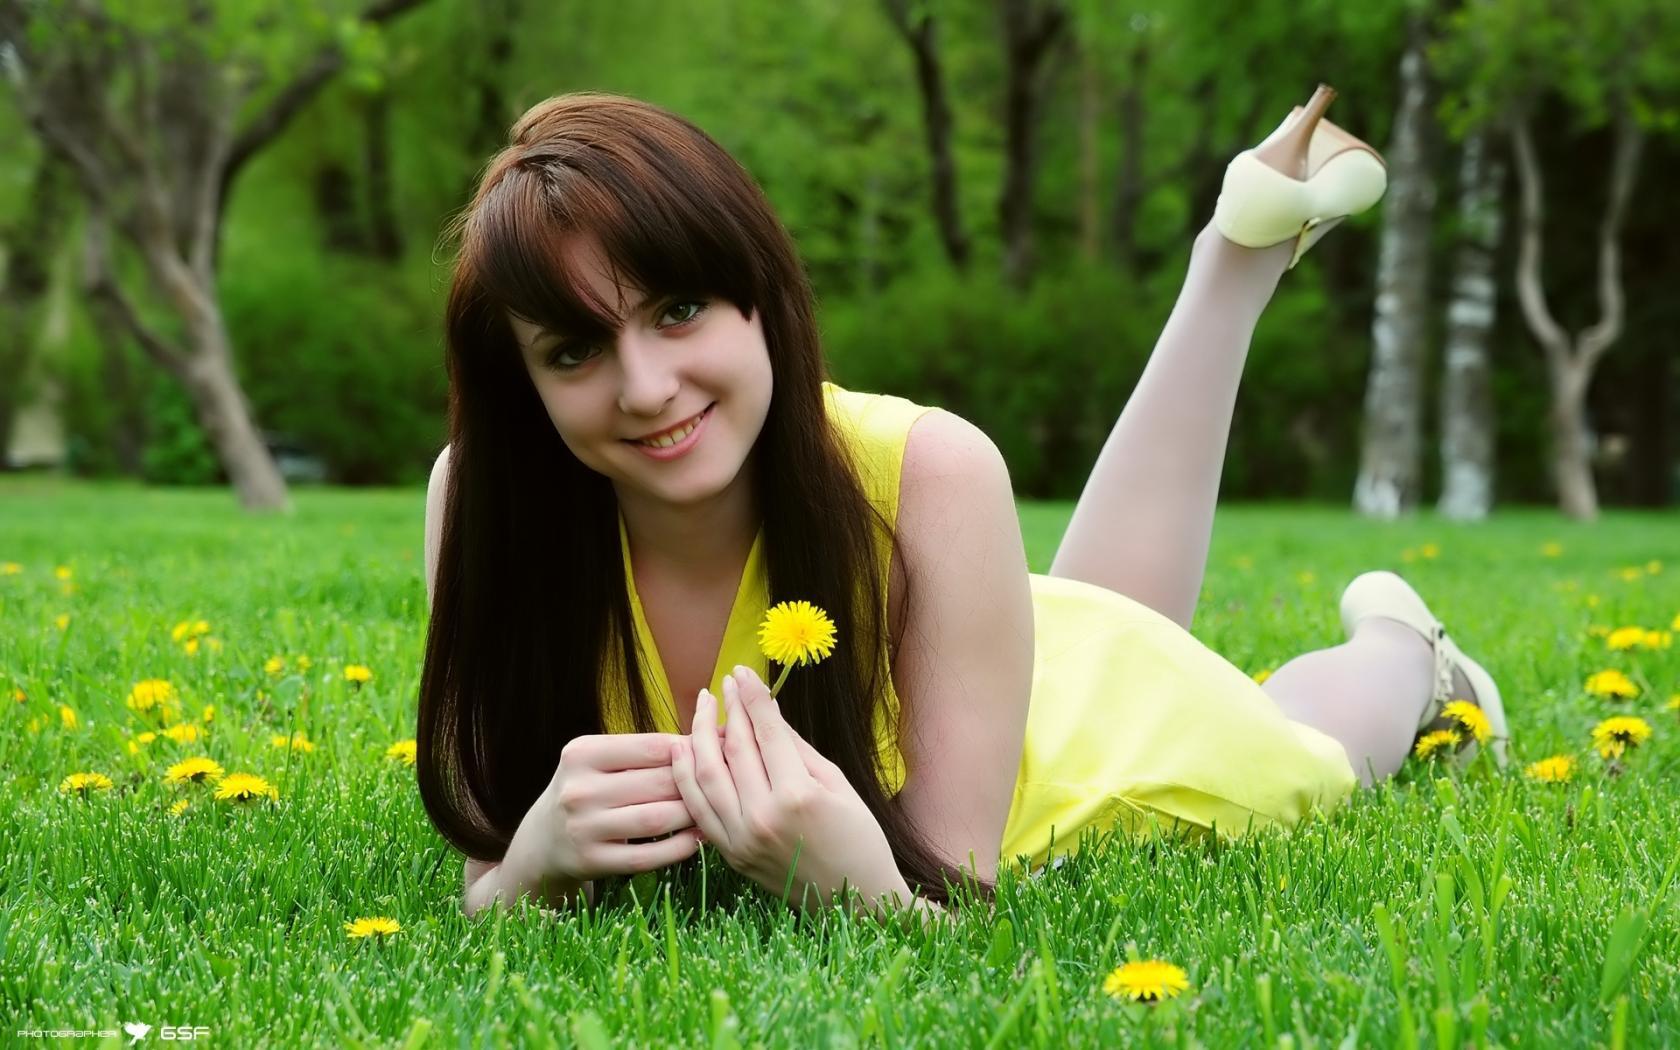 Любительских фотографий девушек 18 фотография